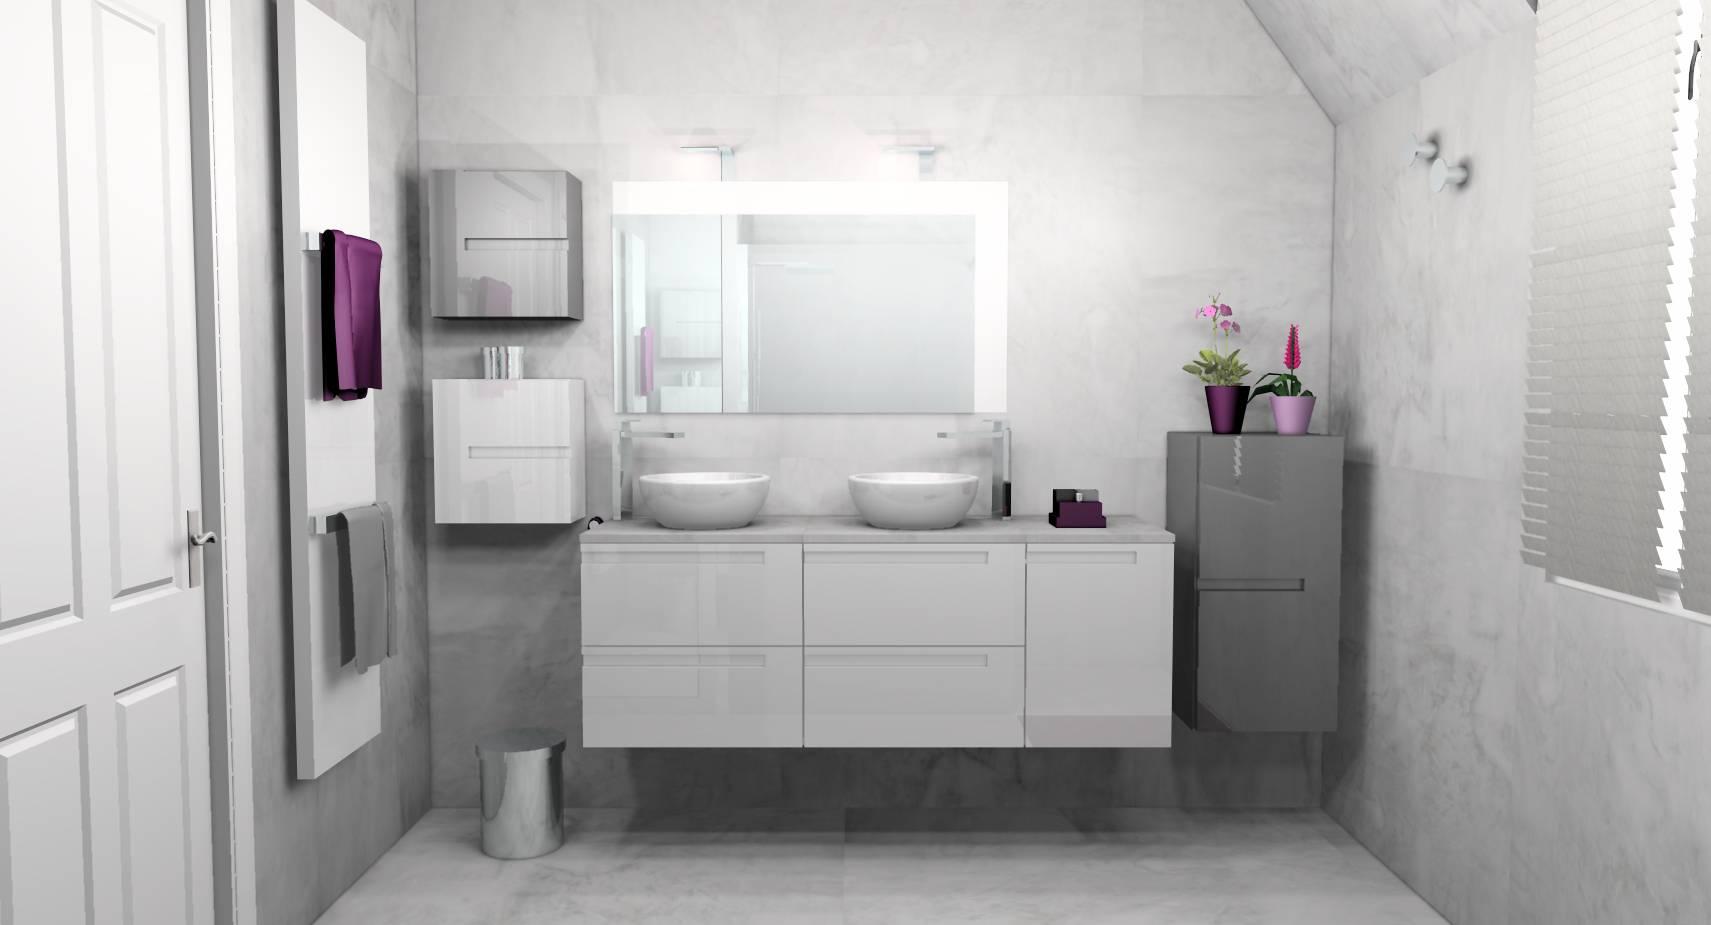 Salle D Eau Parentale la salle de bain vue par le décorateur d'intérieur